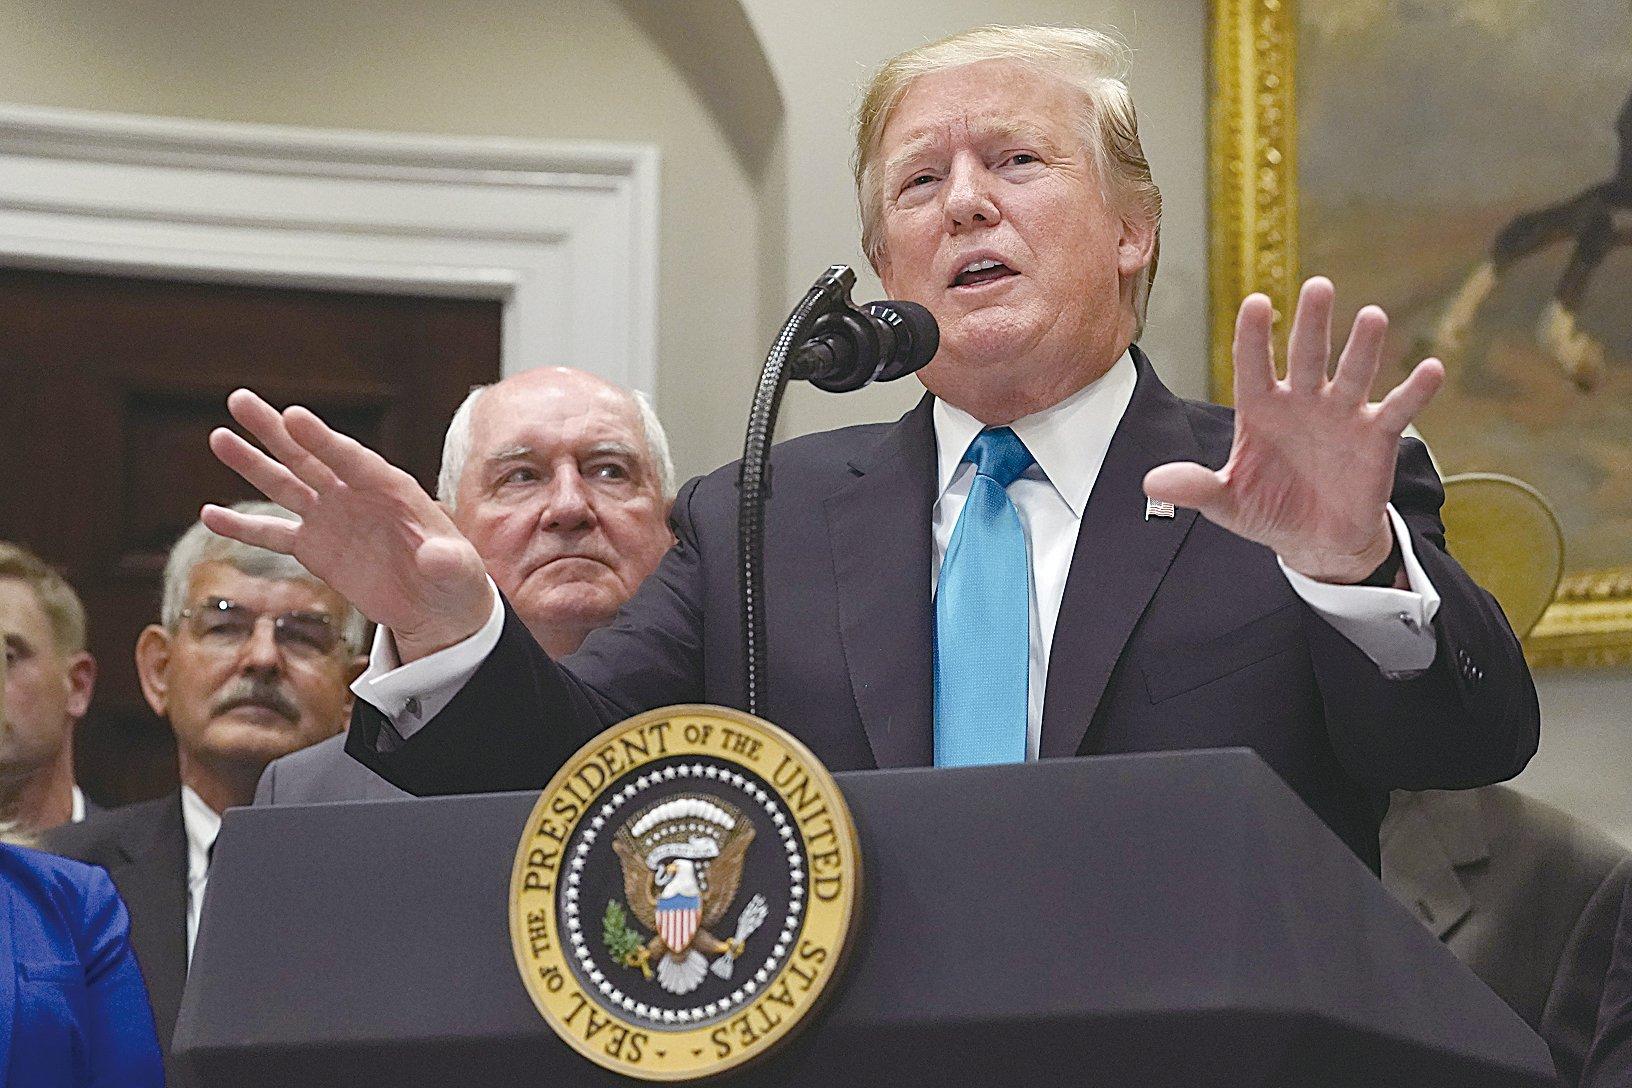 頗具影響力的金融市場專家埃里安認為,列根時代的冷戰與中美貿易戰之間存在一些相似之處,特朗普一直瞄準中國(中共),圖為5月23日,特朗普總統在白宮。(Getty Images)